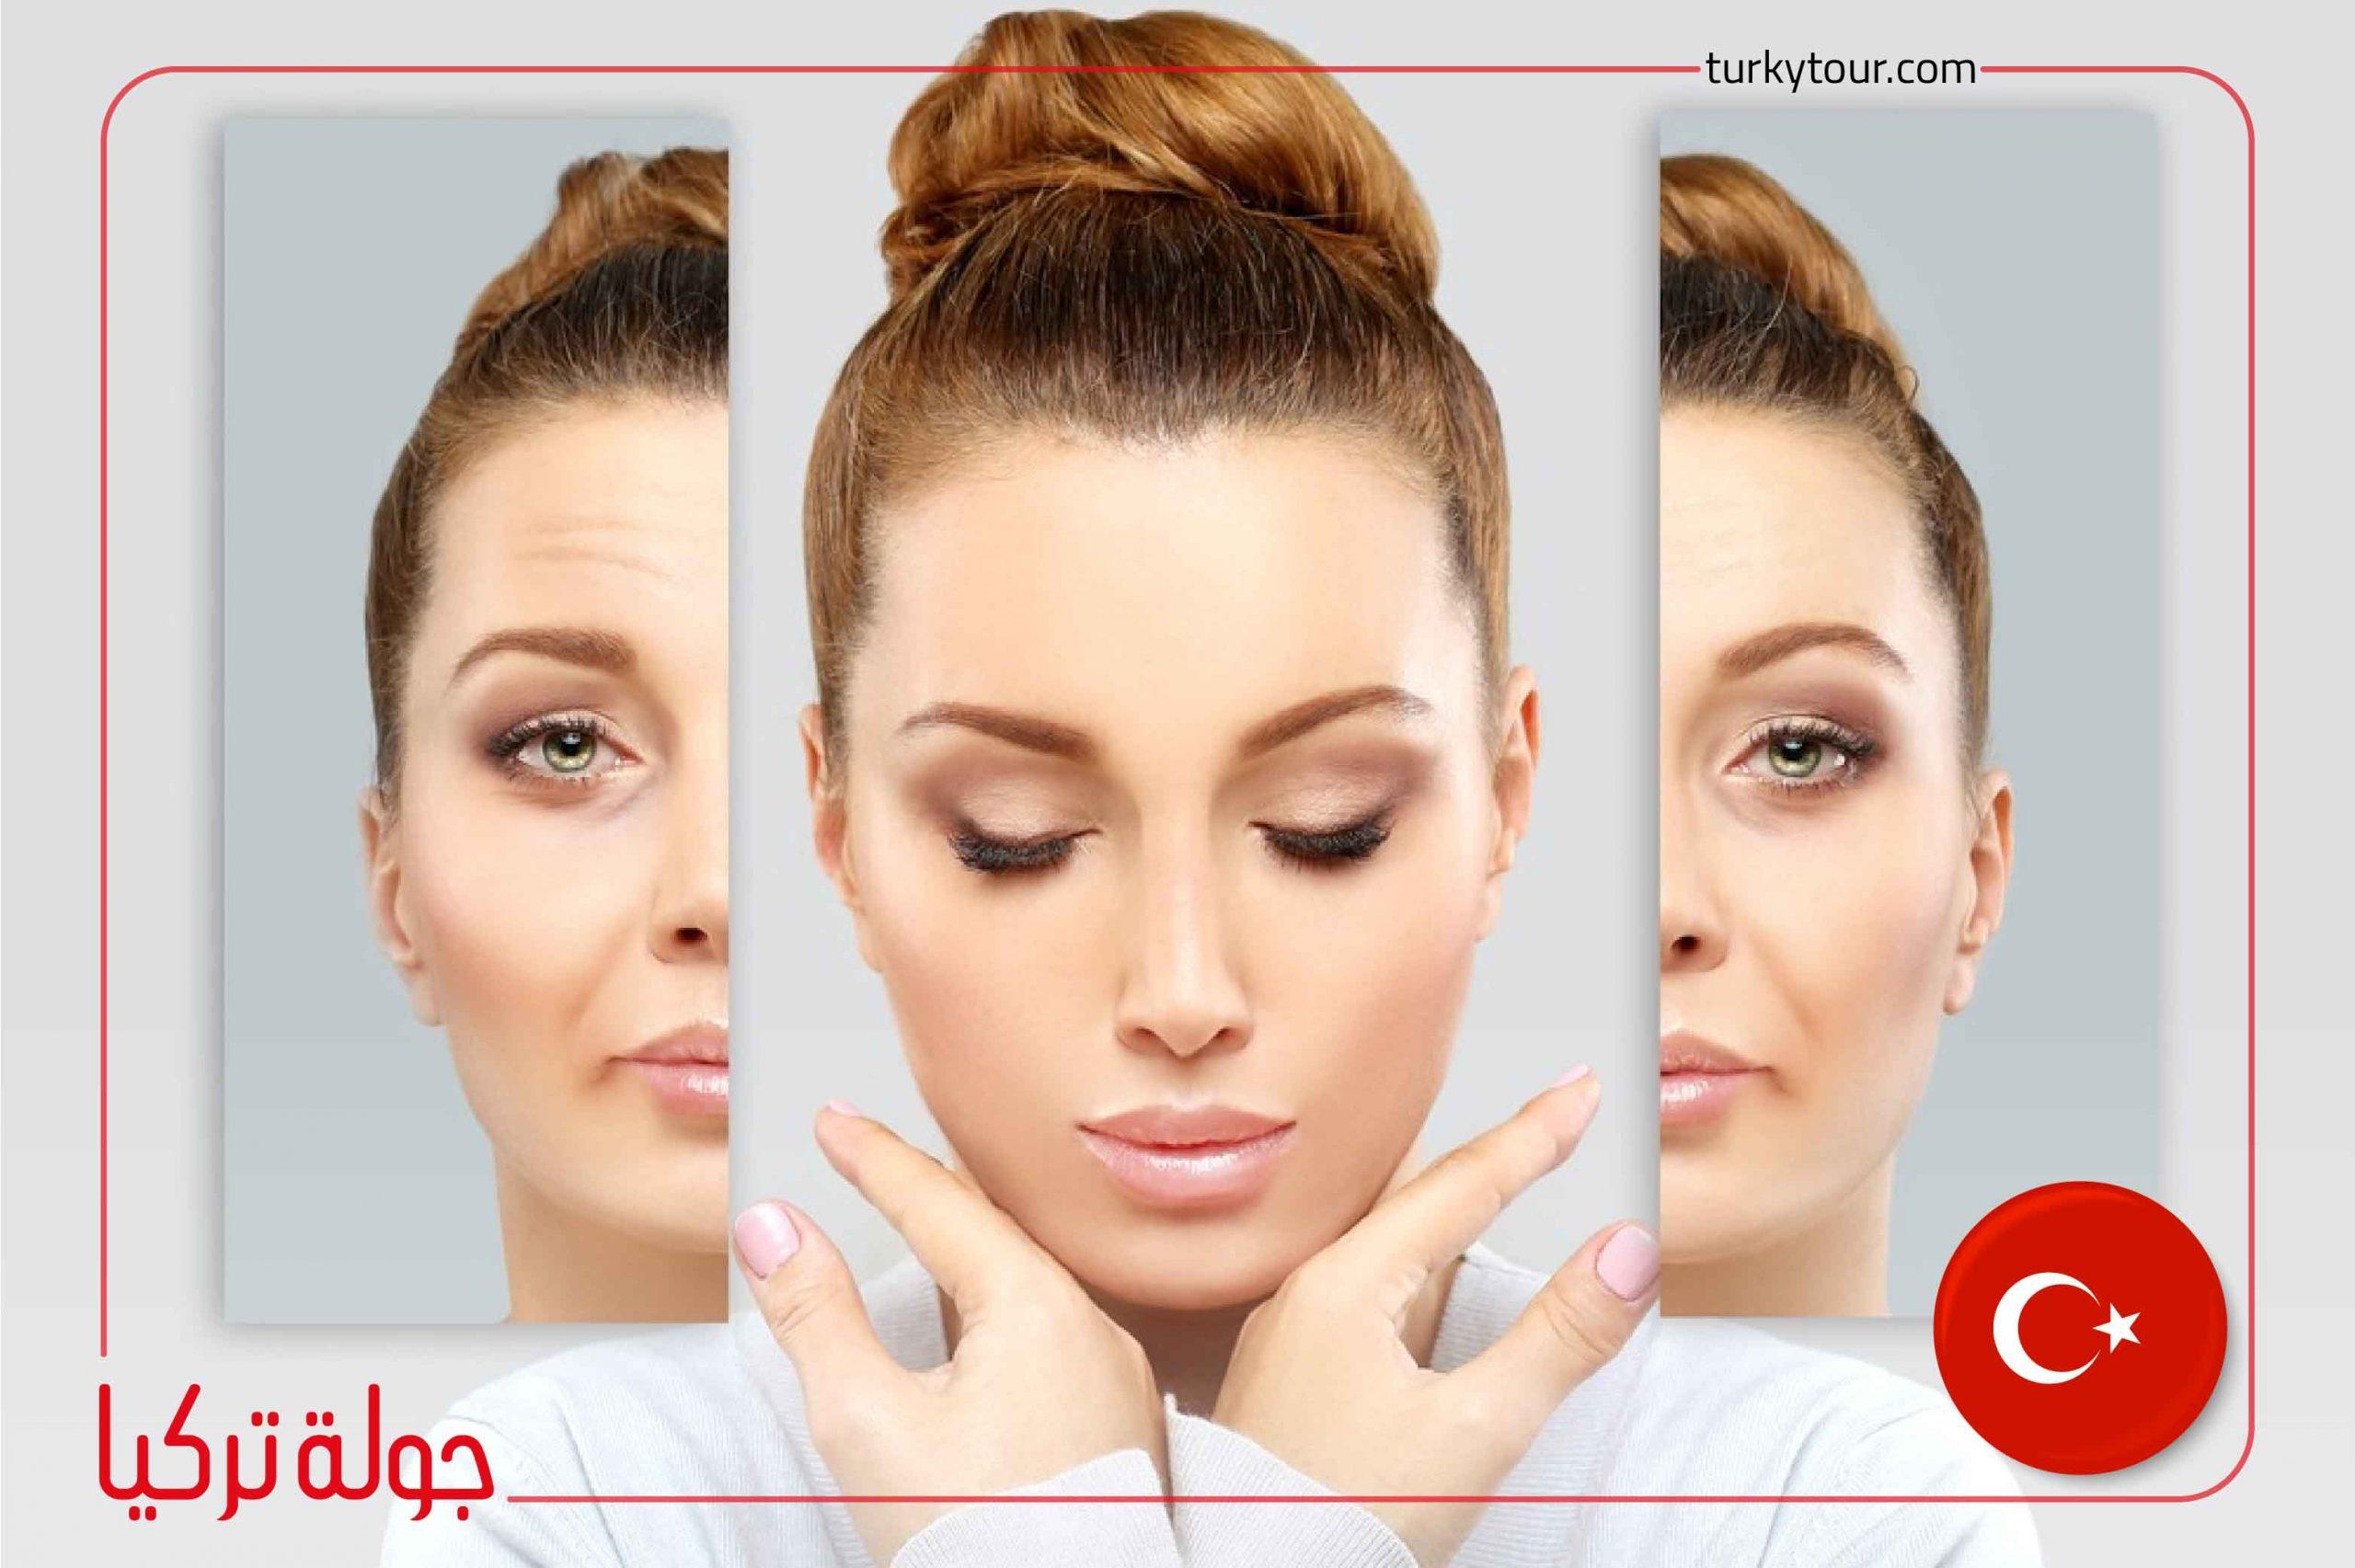 عمليات التجميل في تركيا 11